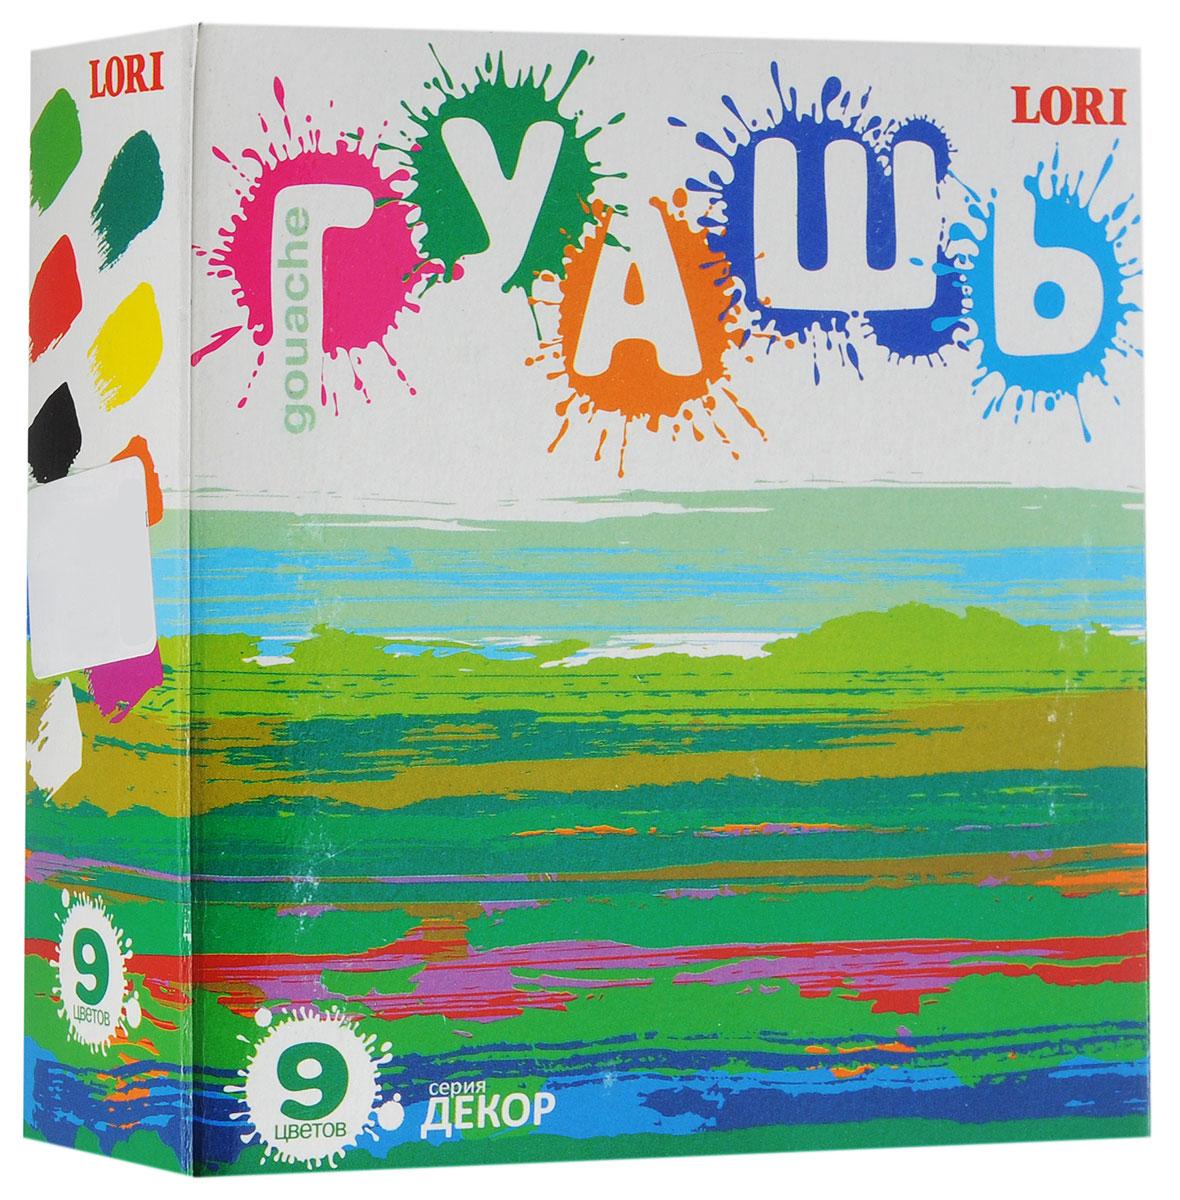 Lori Гуашь Декор 9 цветовFS-00103Гуашь Lori Декор предназначена для рисования по бумаге, картону, дереву и стеклу. Набор включает краски 9 насыщенных цветов: синего, черного, зеленого, красного, желтого, белого, оранжевого, сиреневого, салатового. Каждая пластиковая баночка с гуашью закрывается винтовой крышкой.Яркие цвета дают множество оттенков при смешивании. Легко размываются водой и быстро сохнут. Объем одной баночки 20 мл.